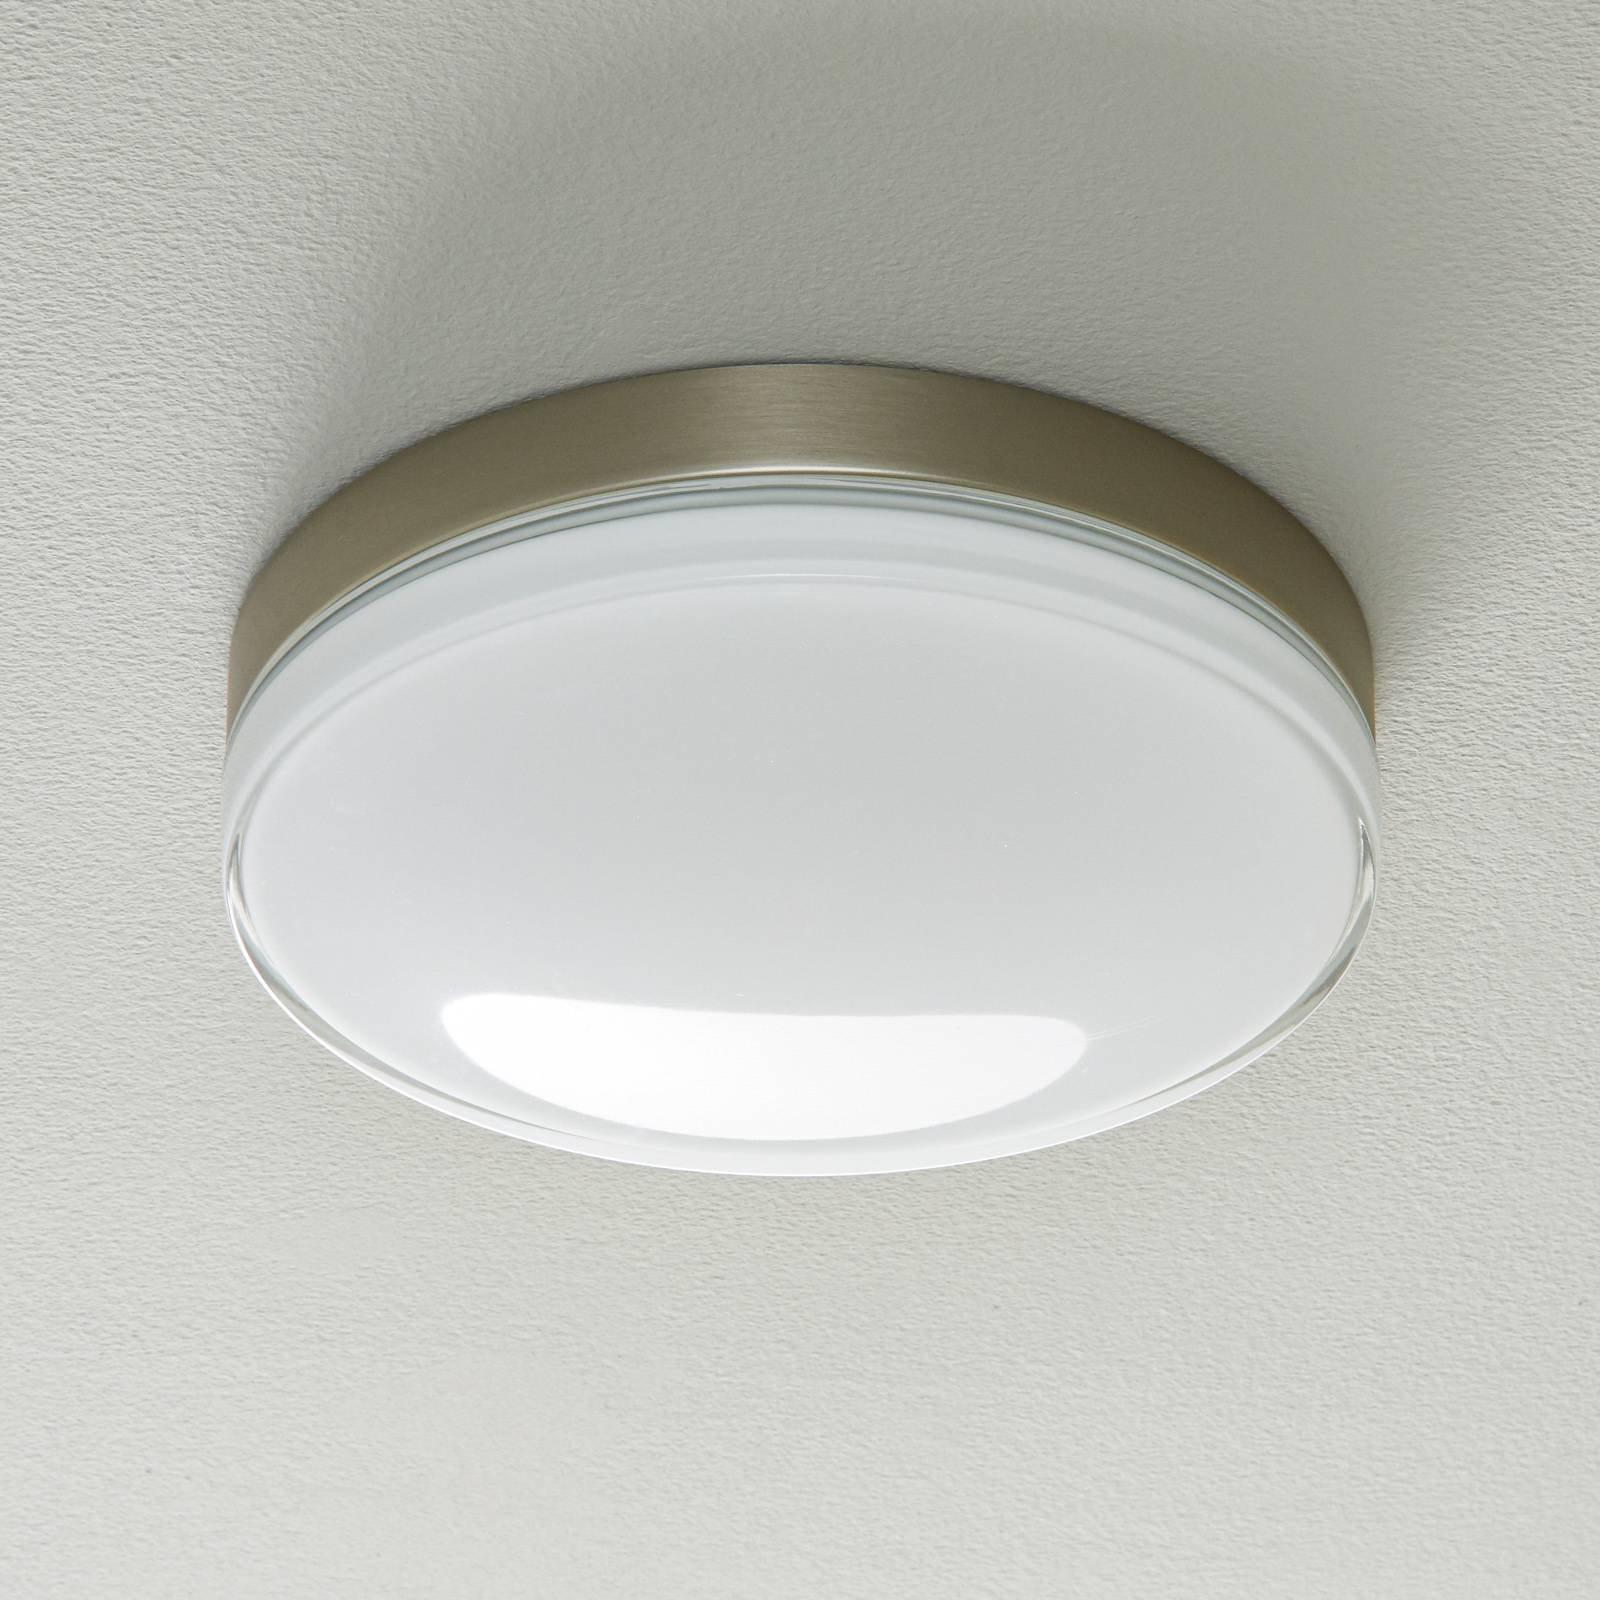 BEGA 12128 LED-taklampe DALI 930 stål, 30,5 cm